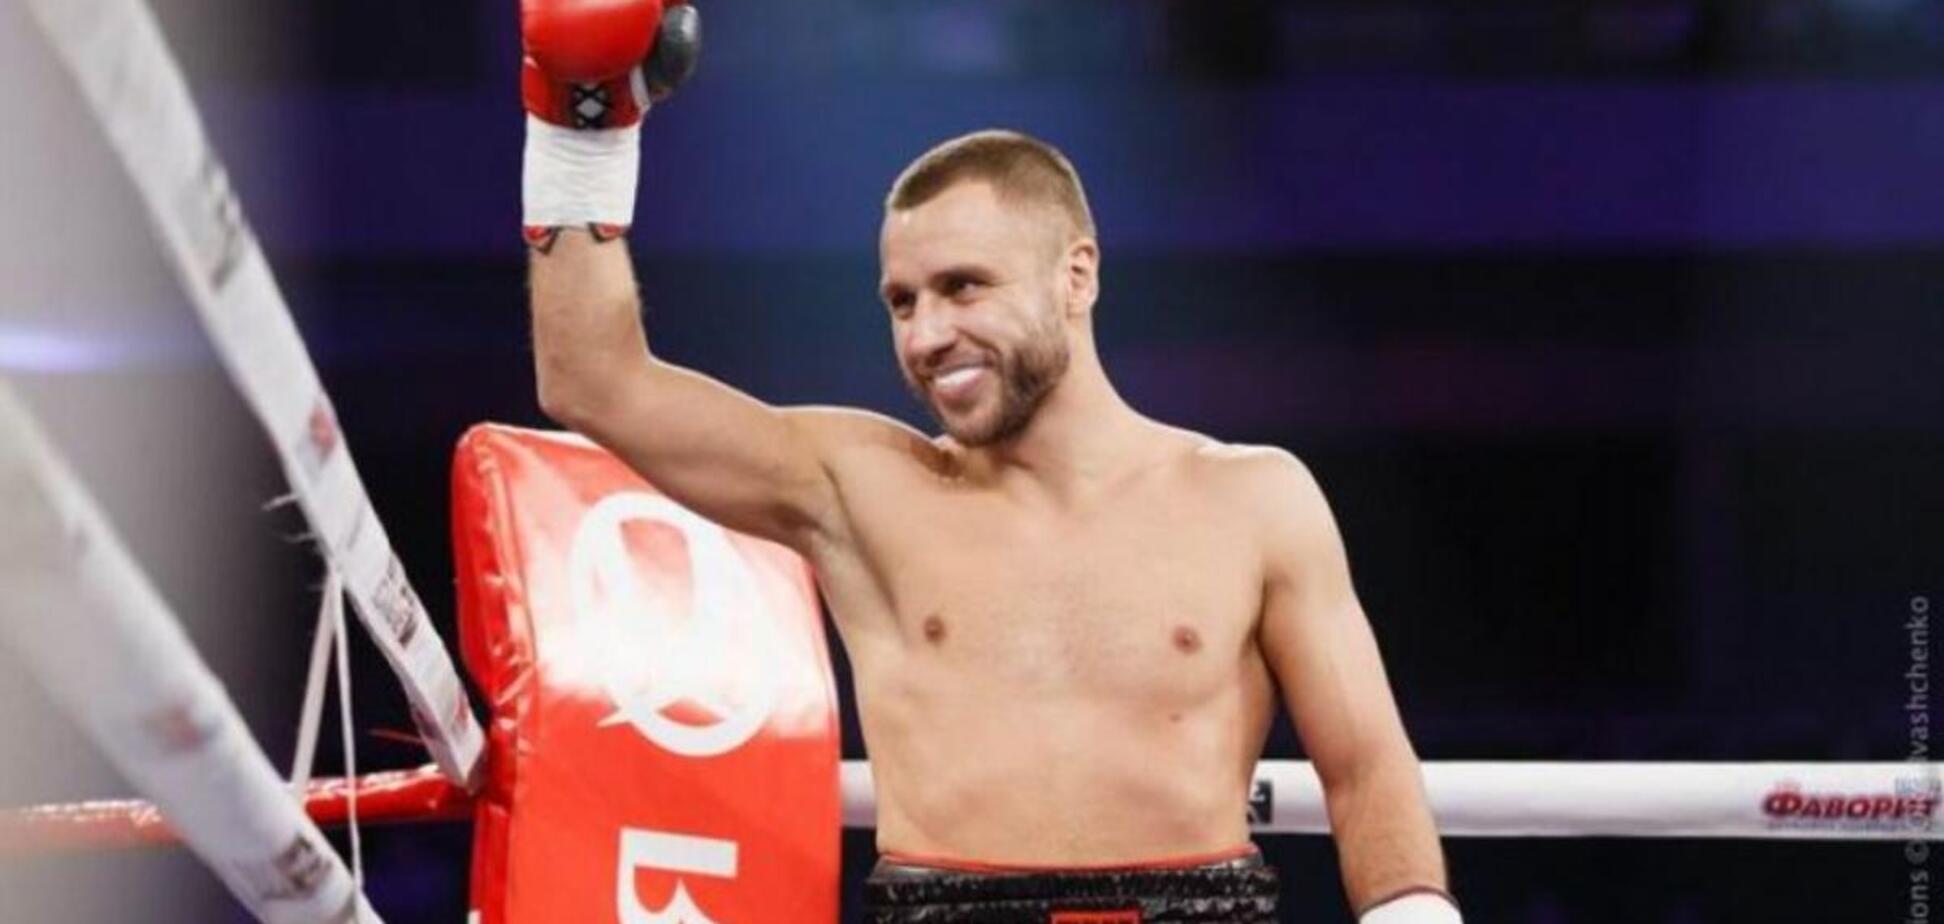 Бурсак побив в Києві російського чемпіона, який збрехав про Крим